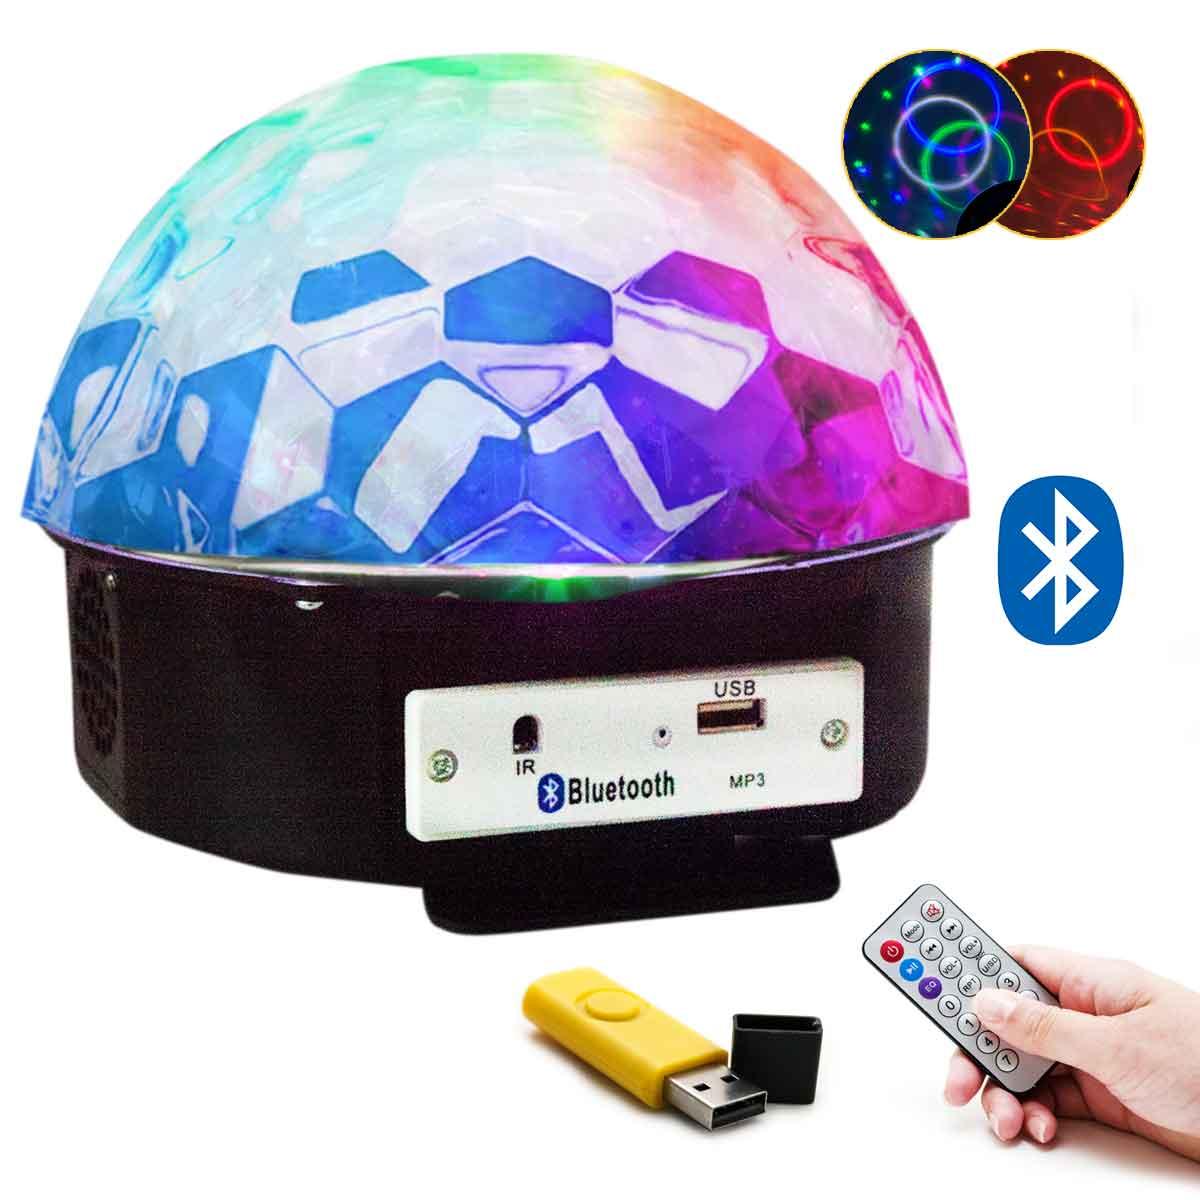 Globo Bola Maluca Bluetooth Led Cristal Rgb Mp3 Controle